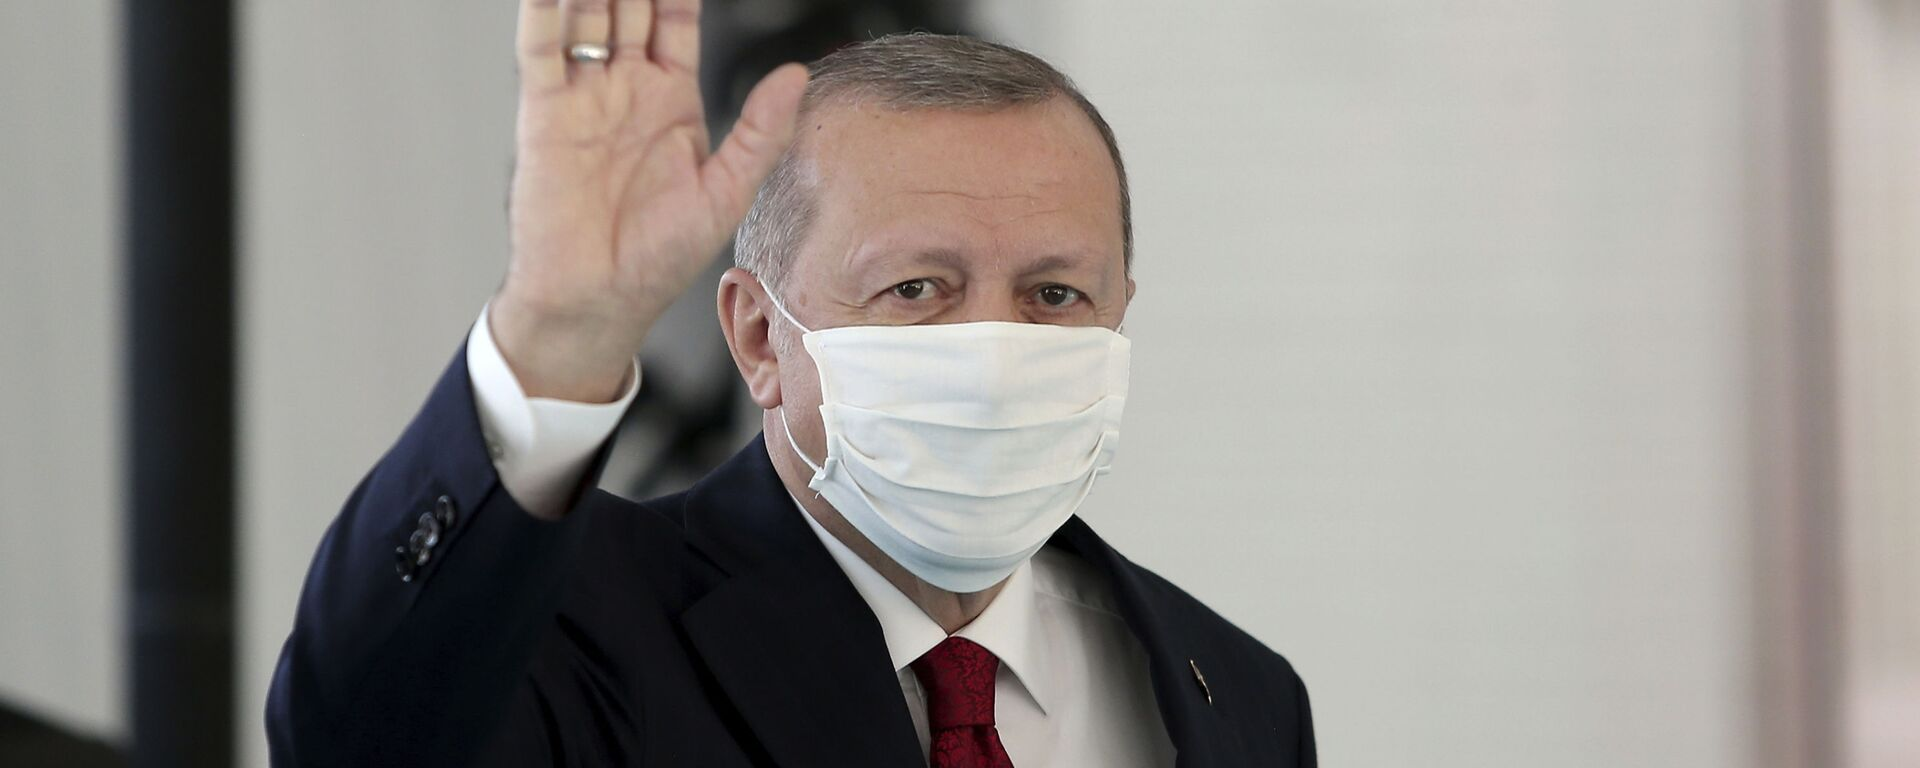 Президент Турции Реджеп Тайип Эрдоган в защитной медицинской маске в одном из госпиталей Стамбула - Sputnik Latvija, 1920, 30.06.2021